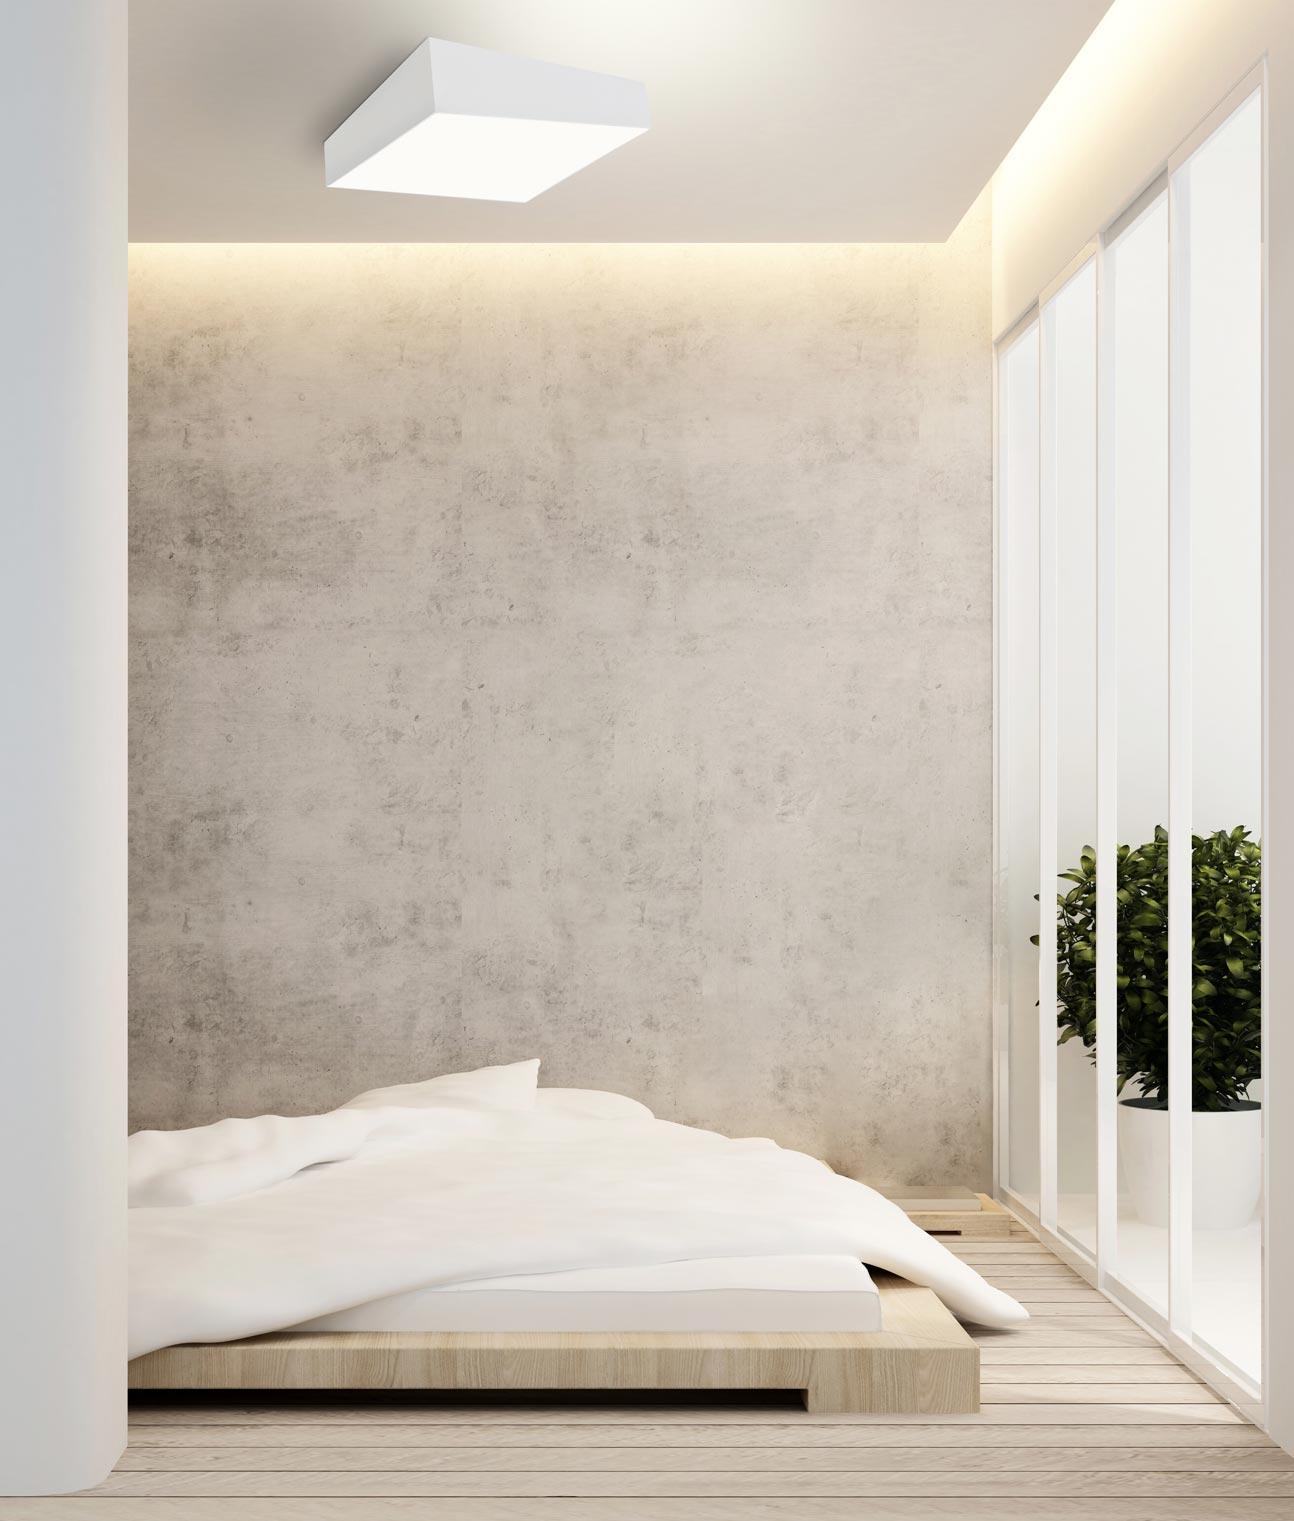 Plaf n grande minimalista blanco mini la casa de la l mpara for Mini casa minimalista